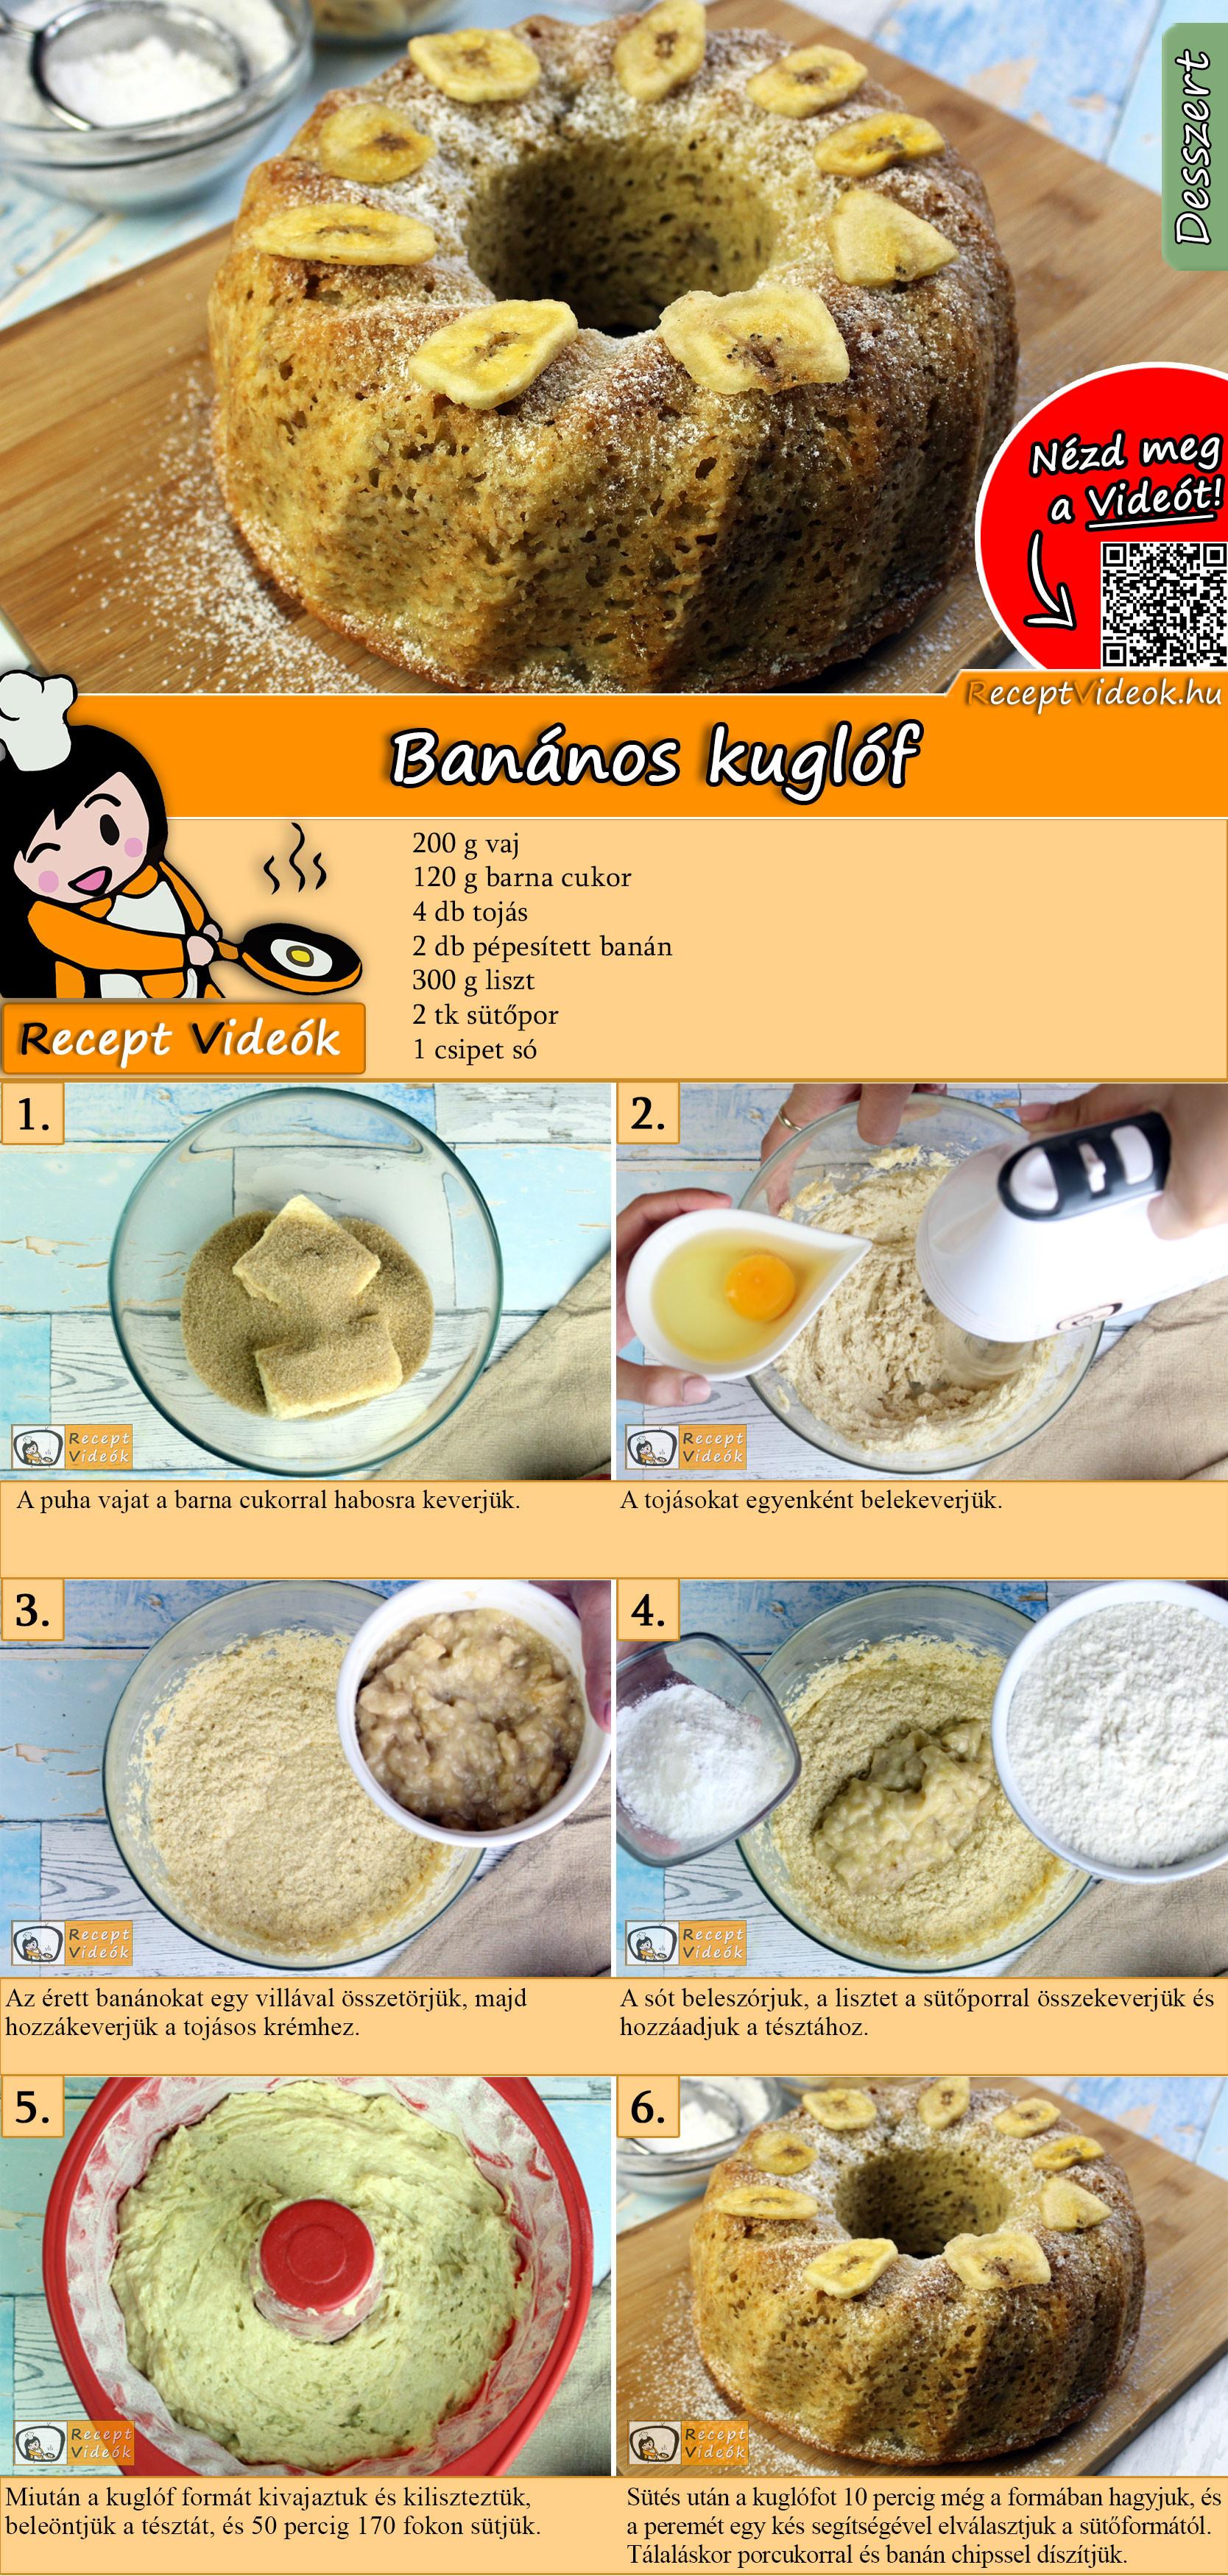 Banános kuglóf recept elkészítése videóval